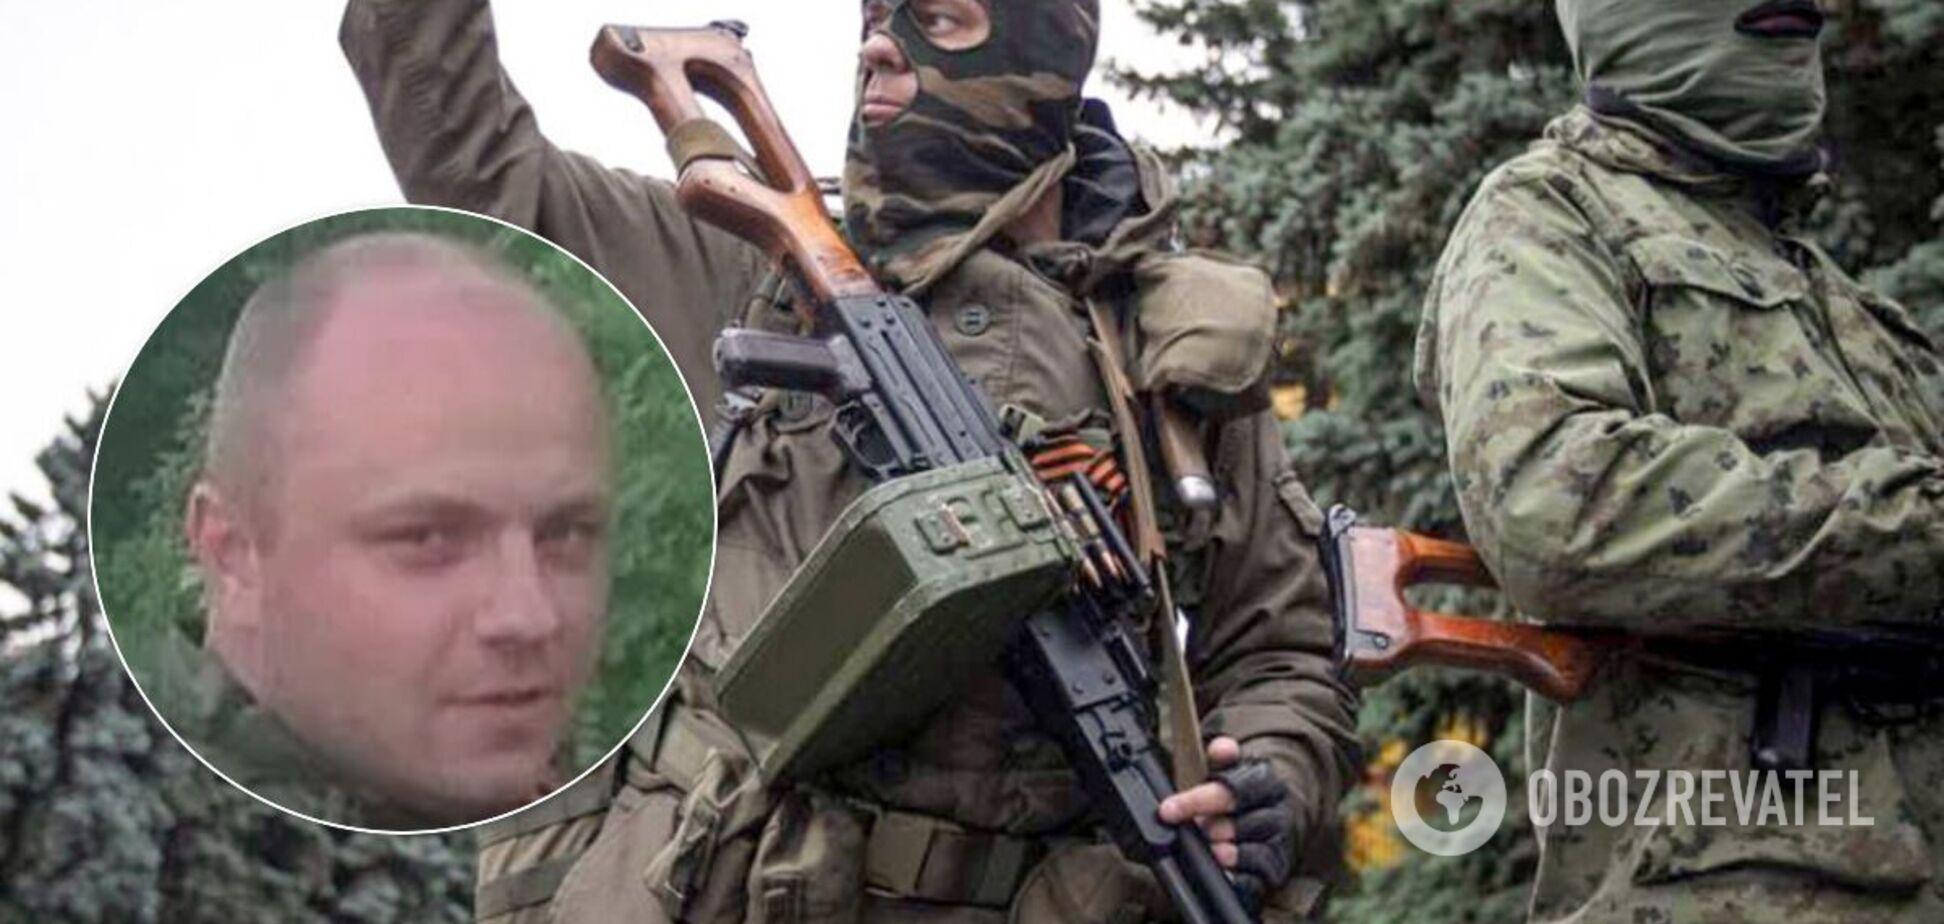 Затриманих у Білорусі бойовиків знайшли на 'Миротворці': деякі воювали на Донбасі